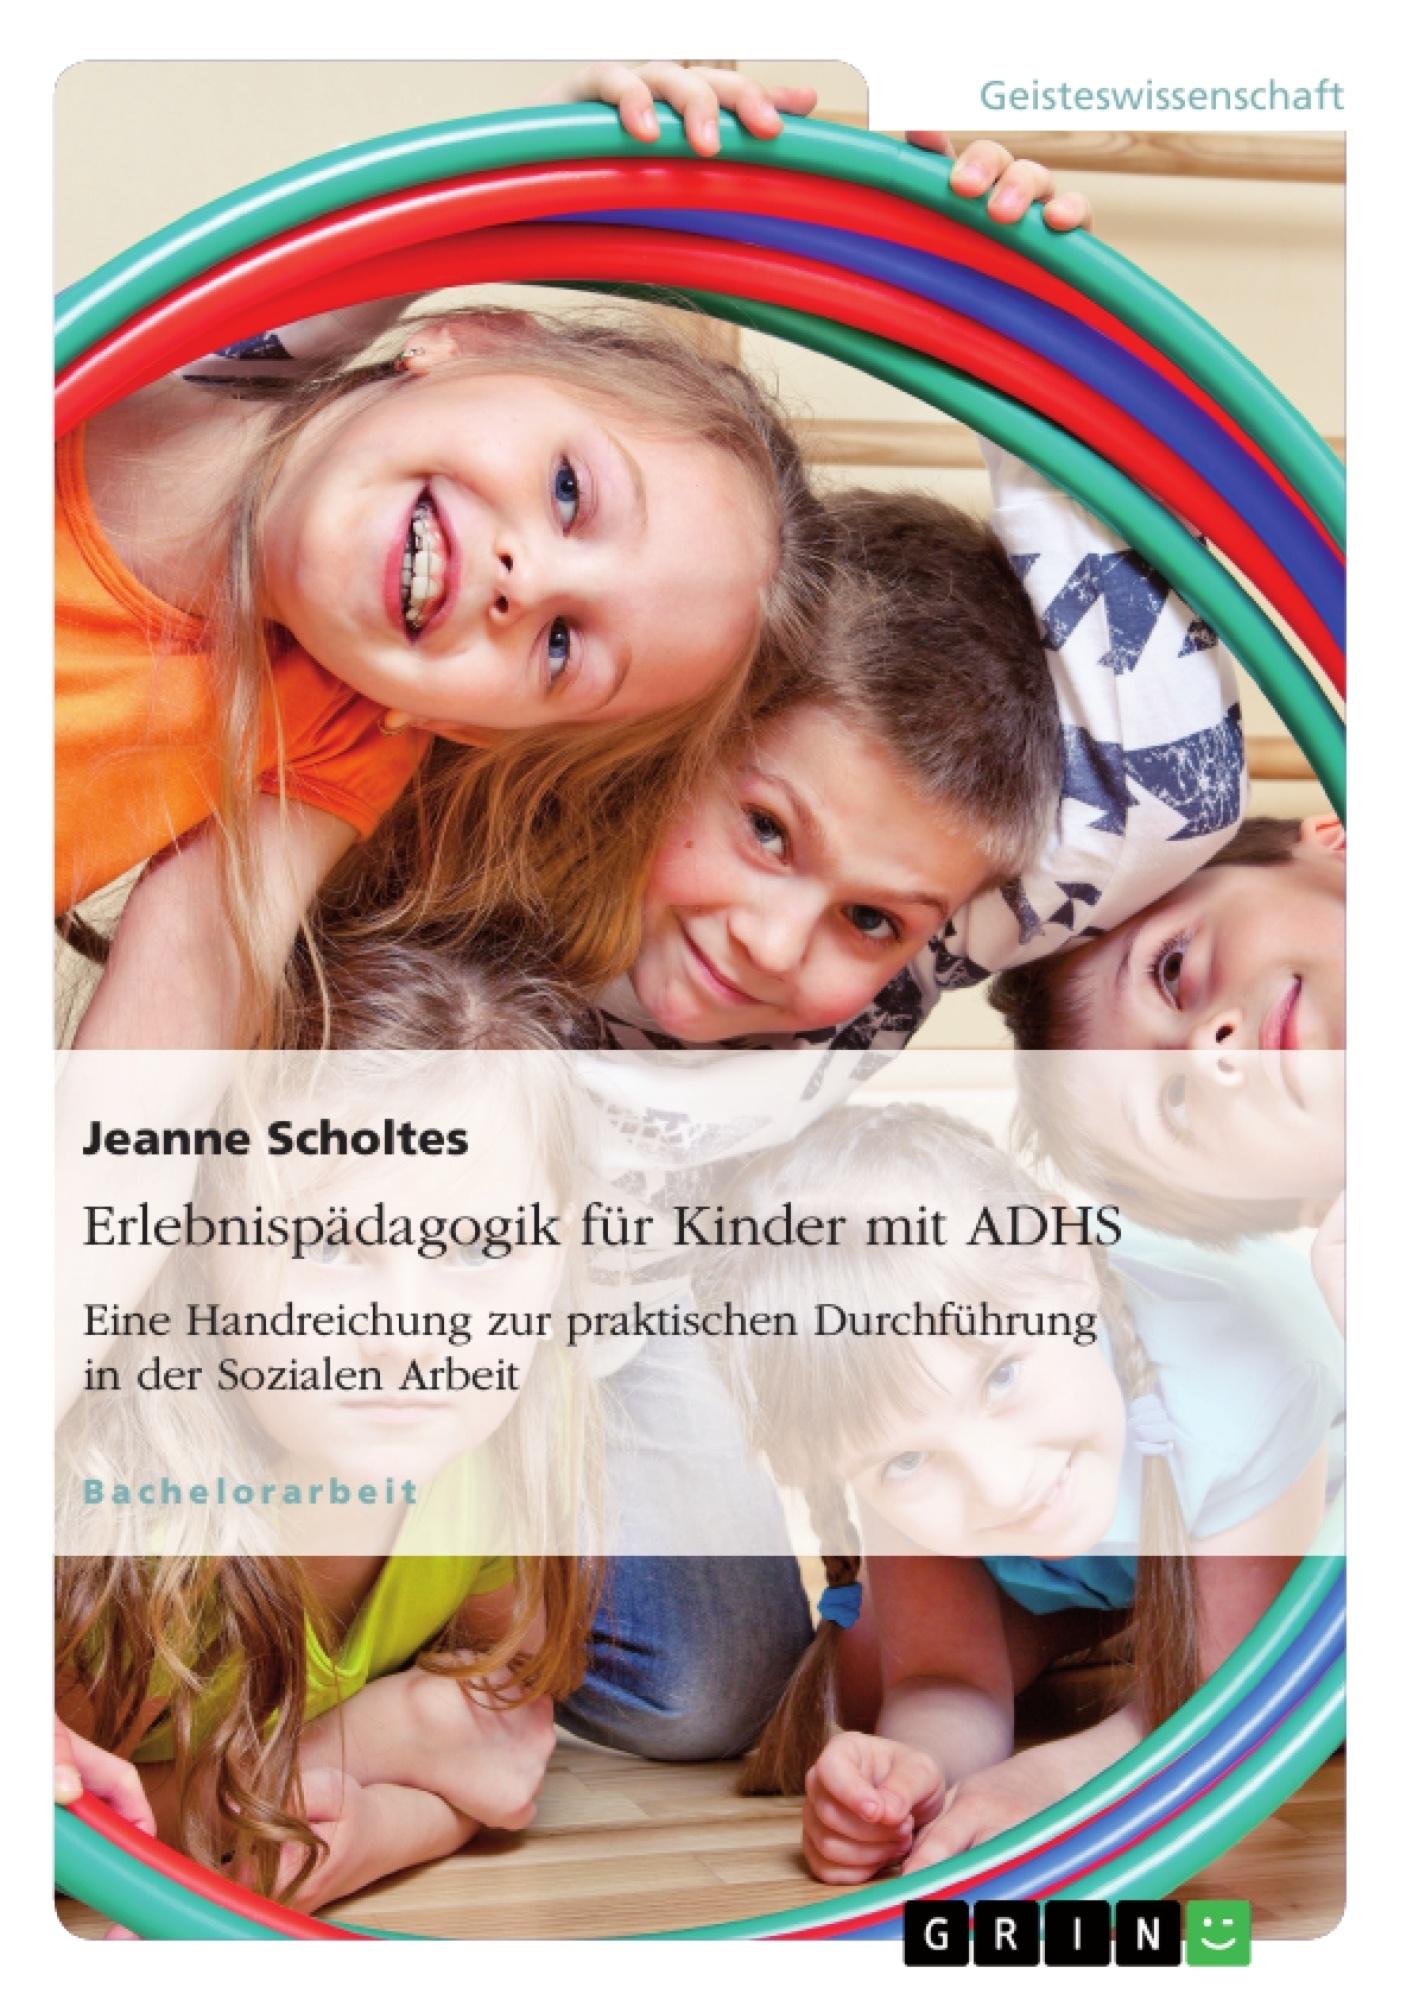 Titel: Erlebnispädagogik für Kinder mit ADHS. Eine Handreichung zur praktischen Durchführung in der Sozialen Arbeit